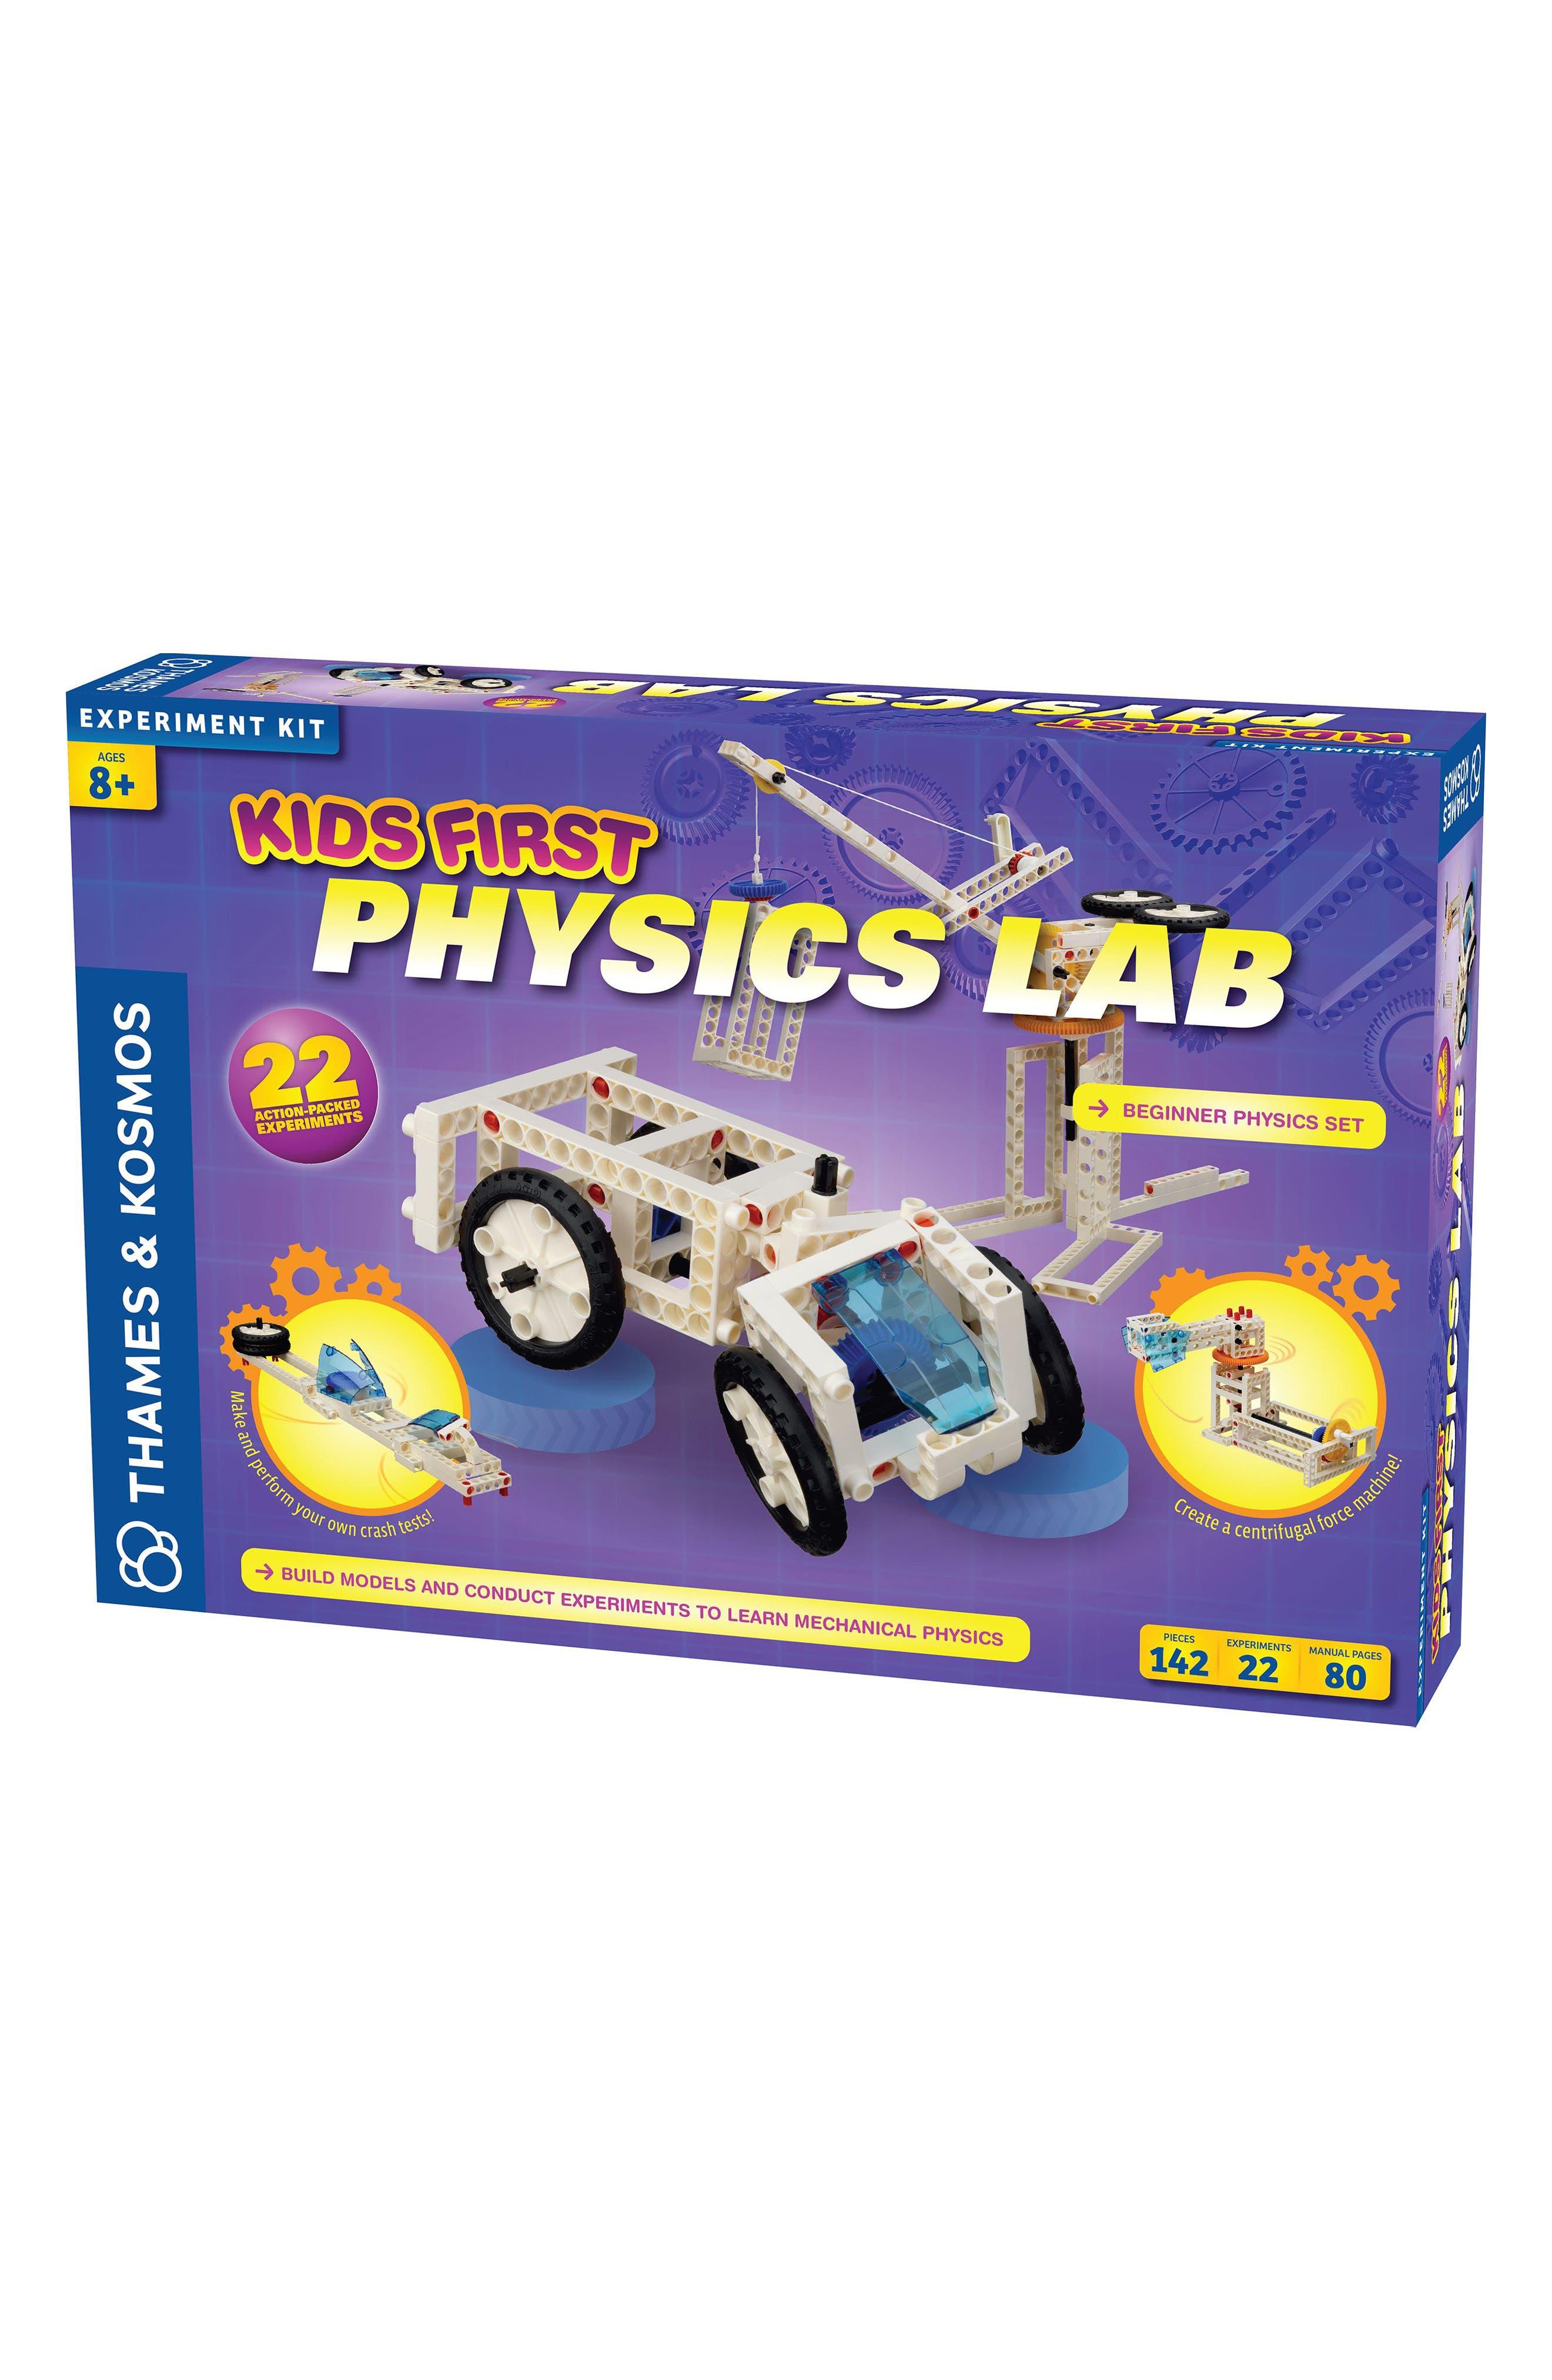 'Kids First - Physics Lab' Experiment Kit,                             Alternate thumbnail 2, color,                             PURPLE